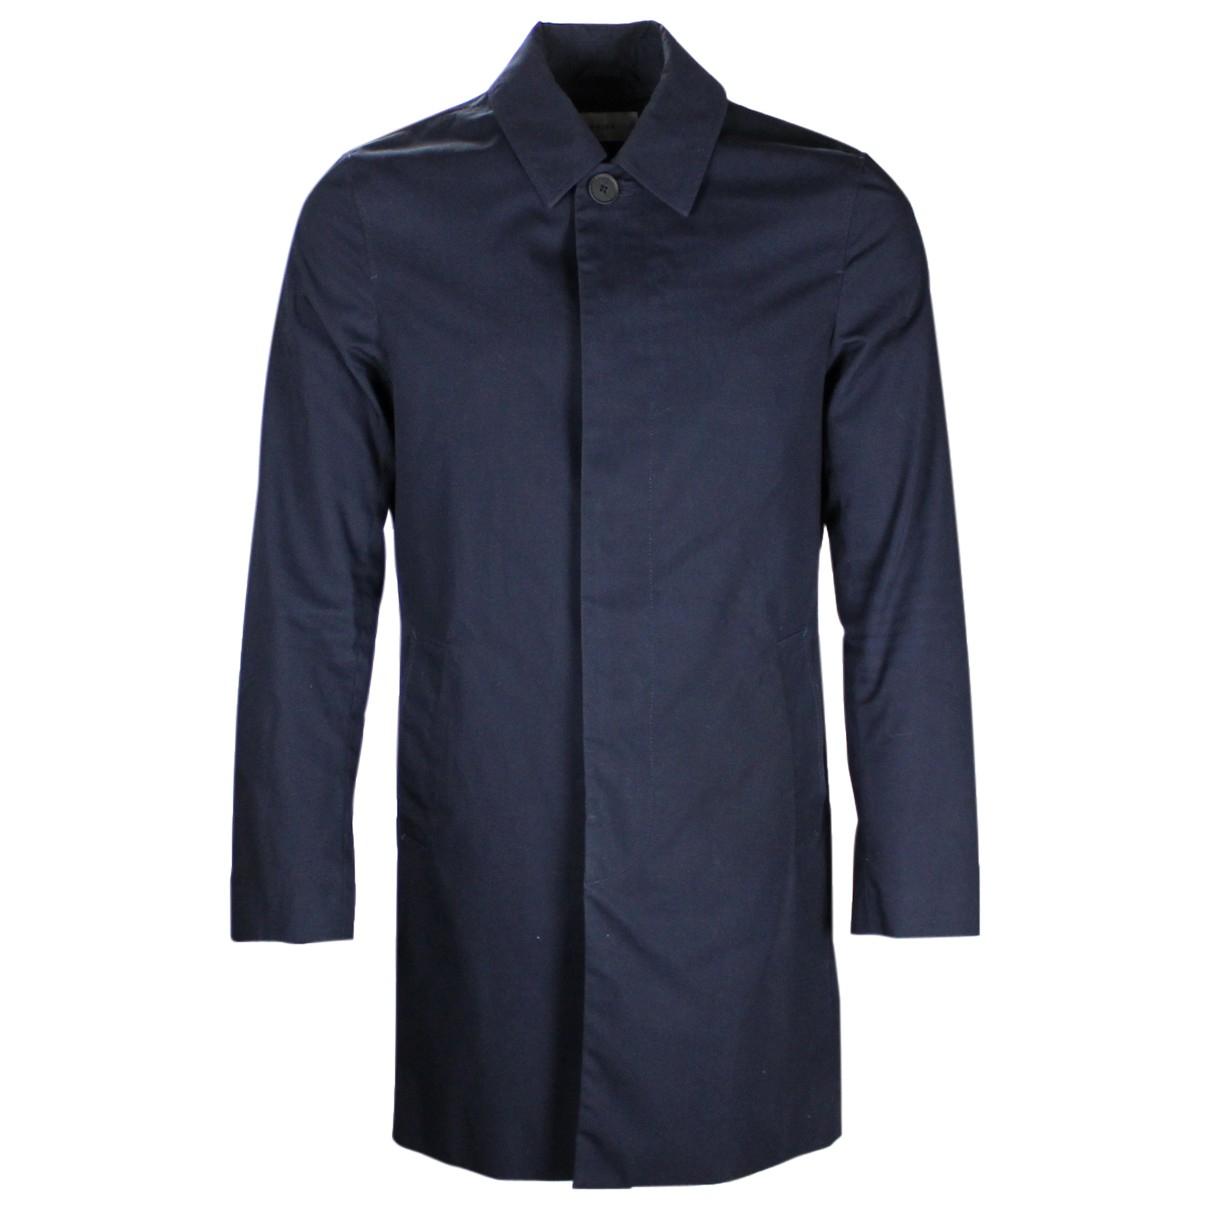 Reiss - Manteau   pour homme - marine